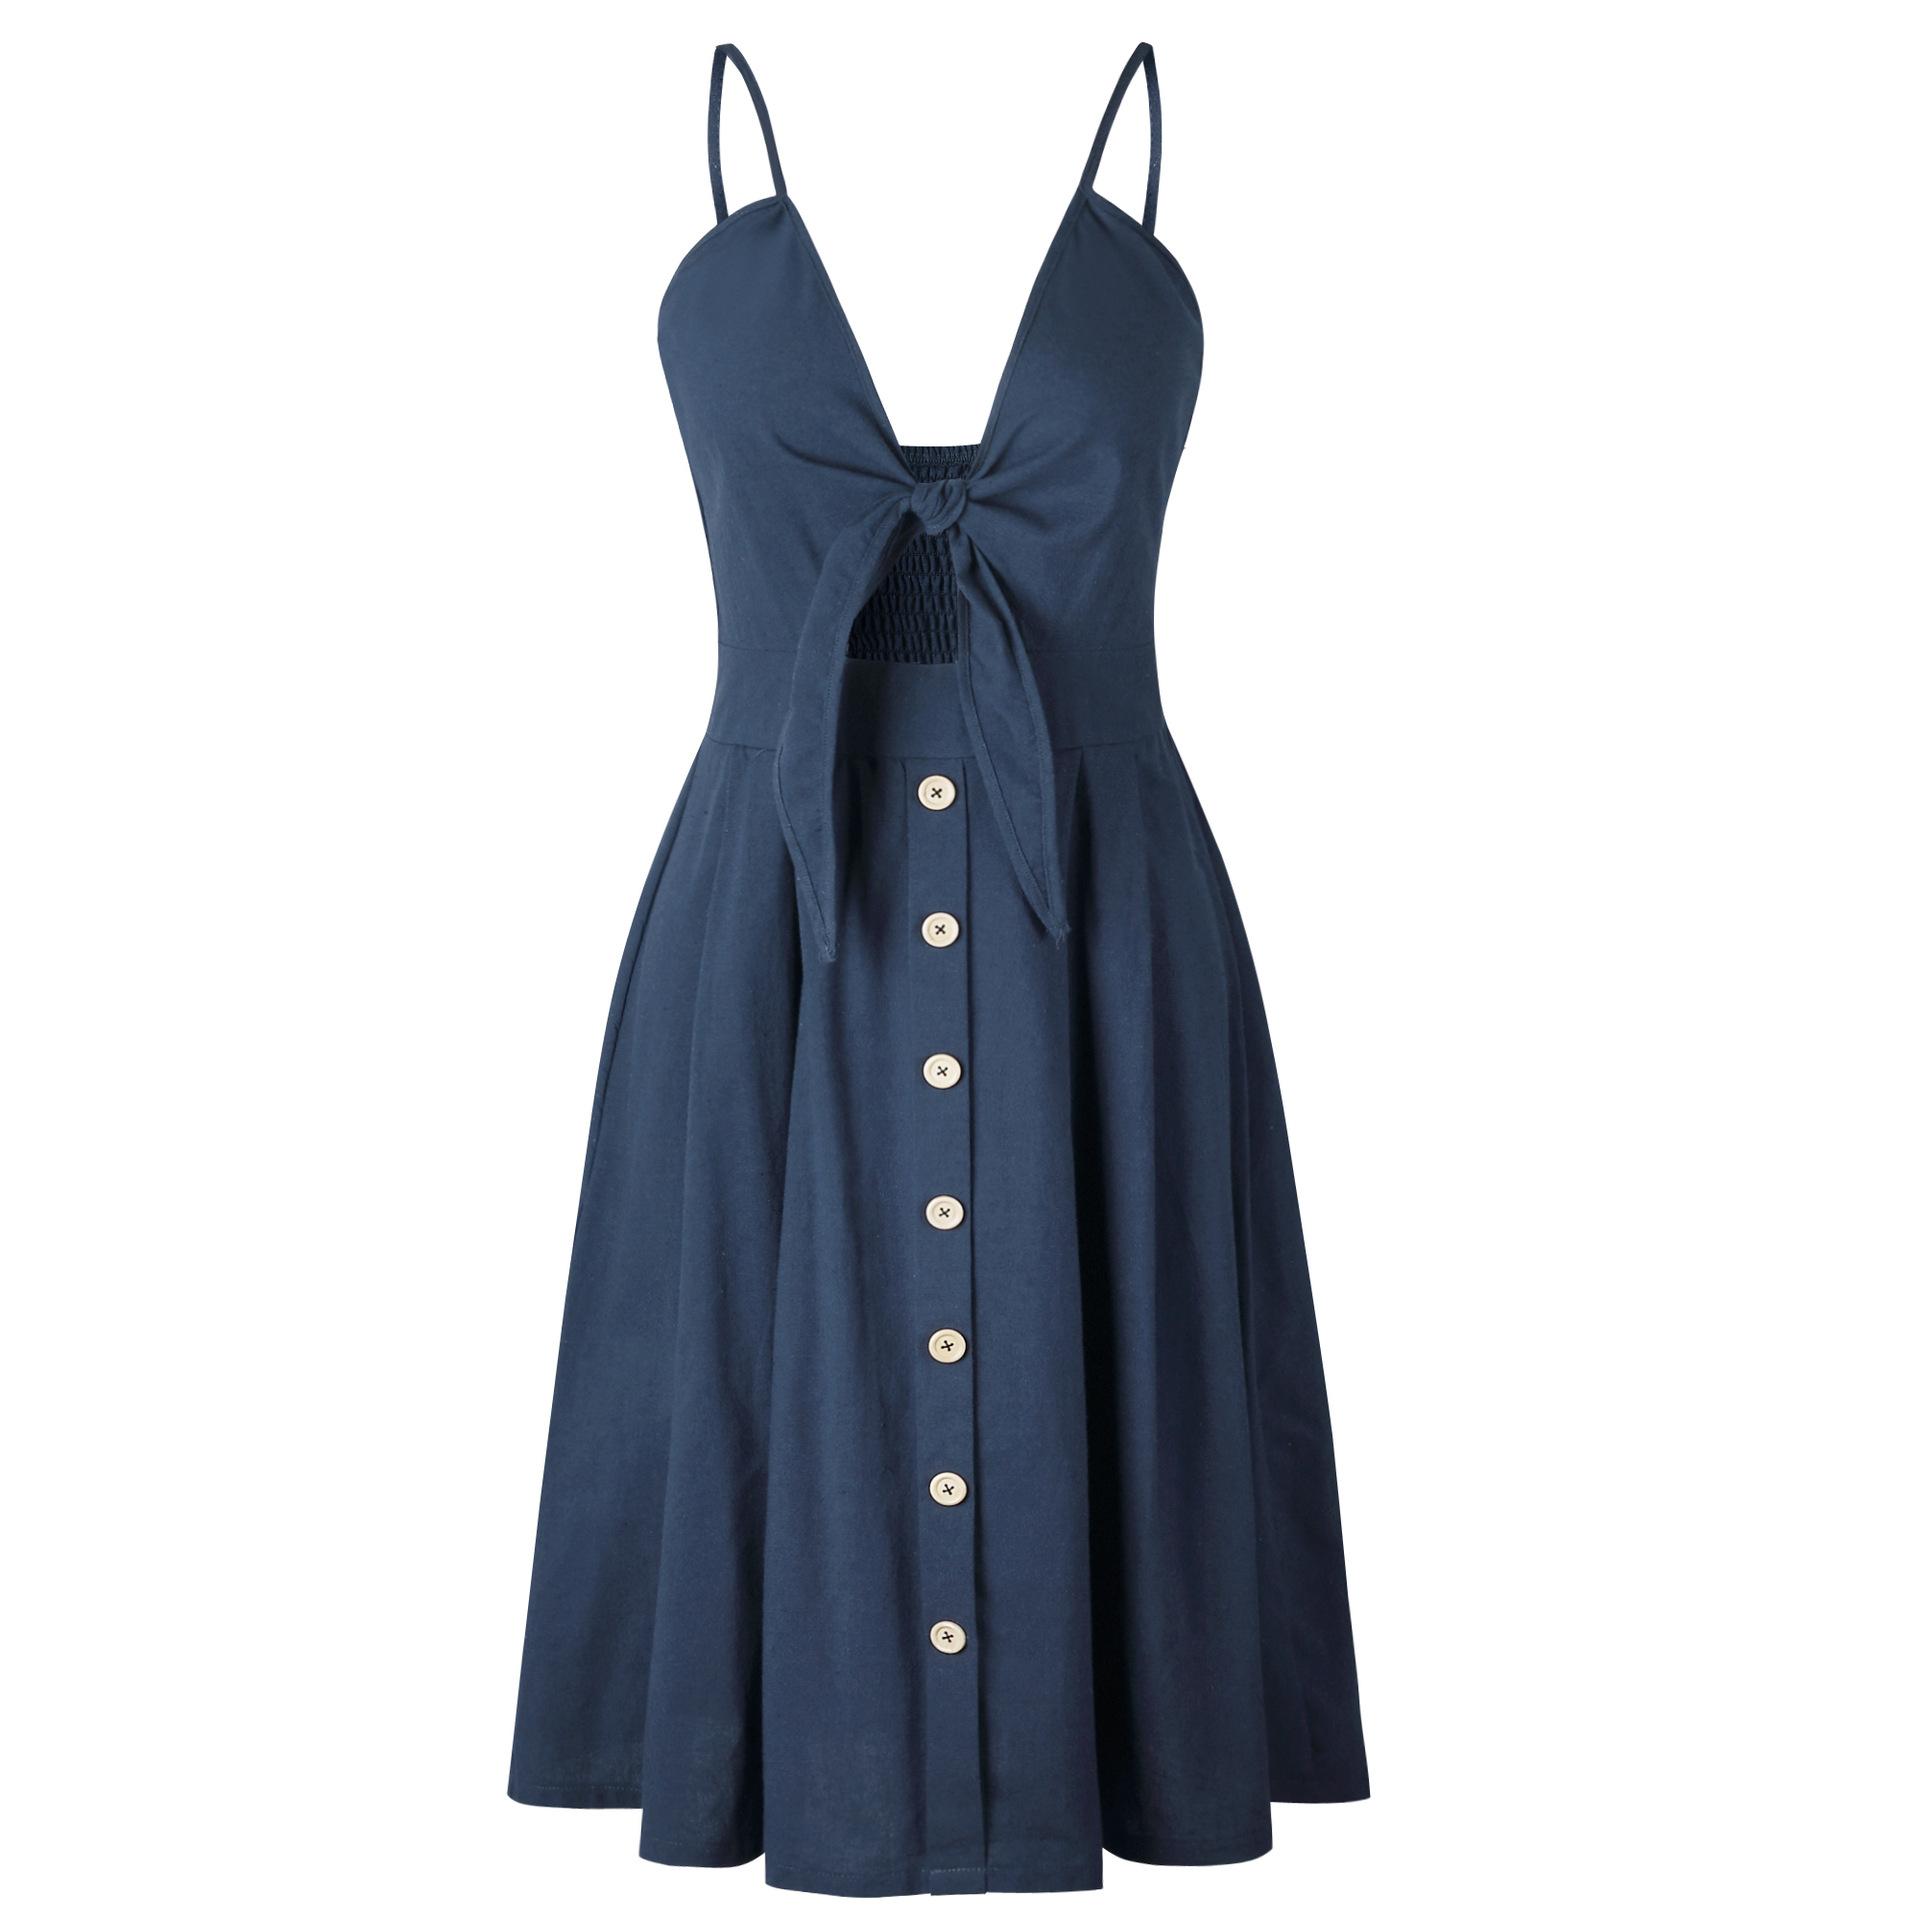 Xin Xin cuộc cách mạng của phụ nữ hot new sexy dây đeo nút halter bow solid color dress 7 màu bốn mét